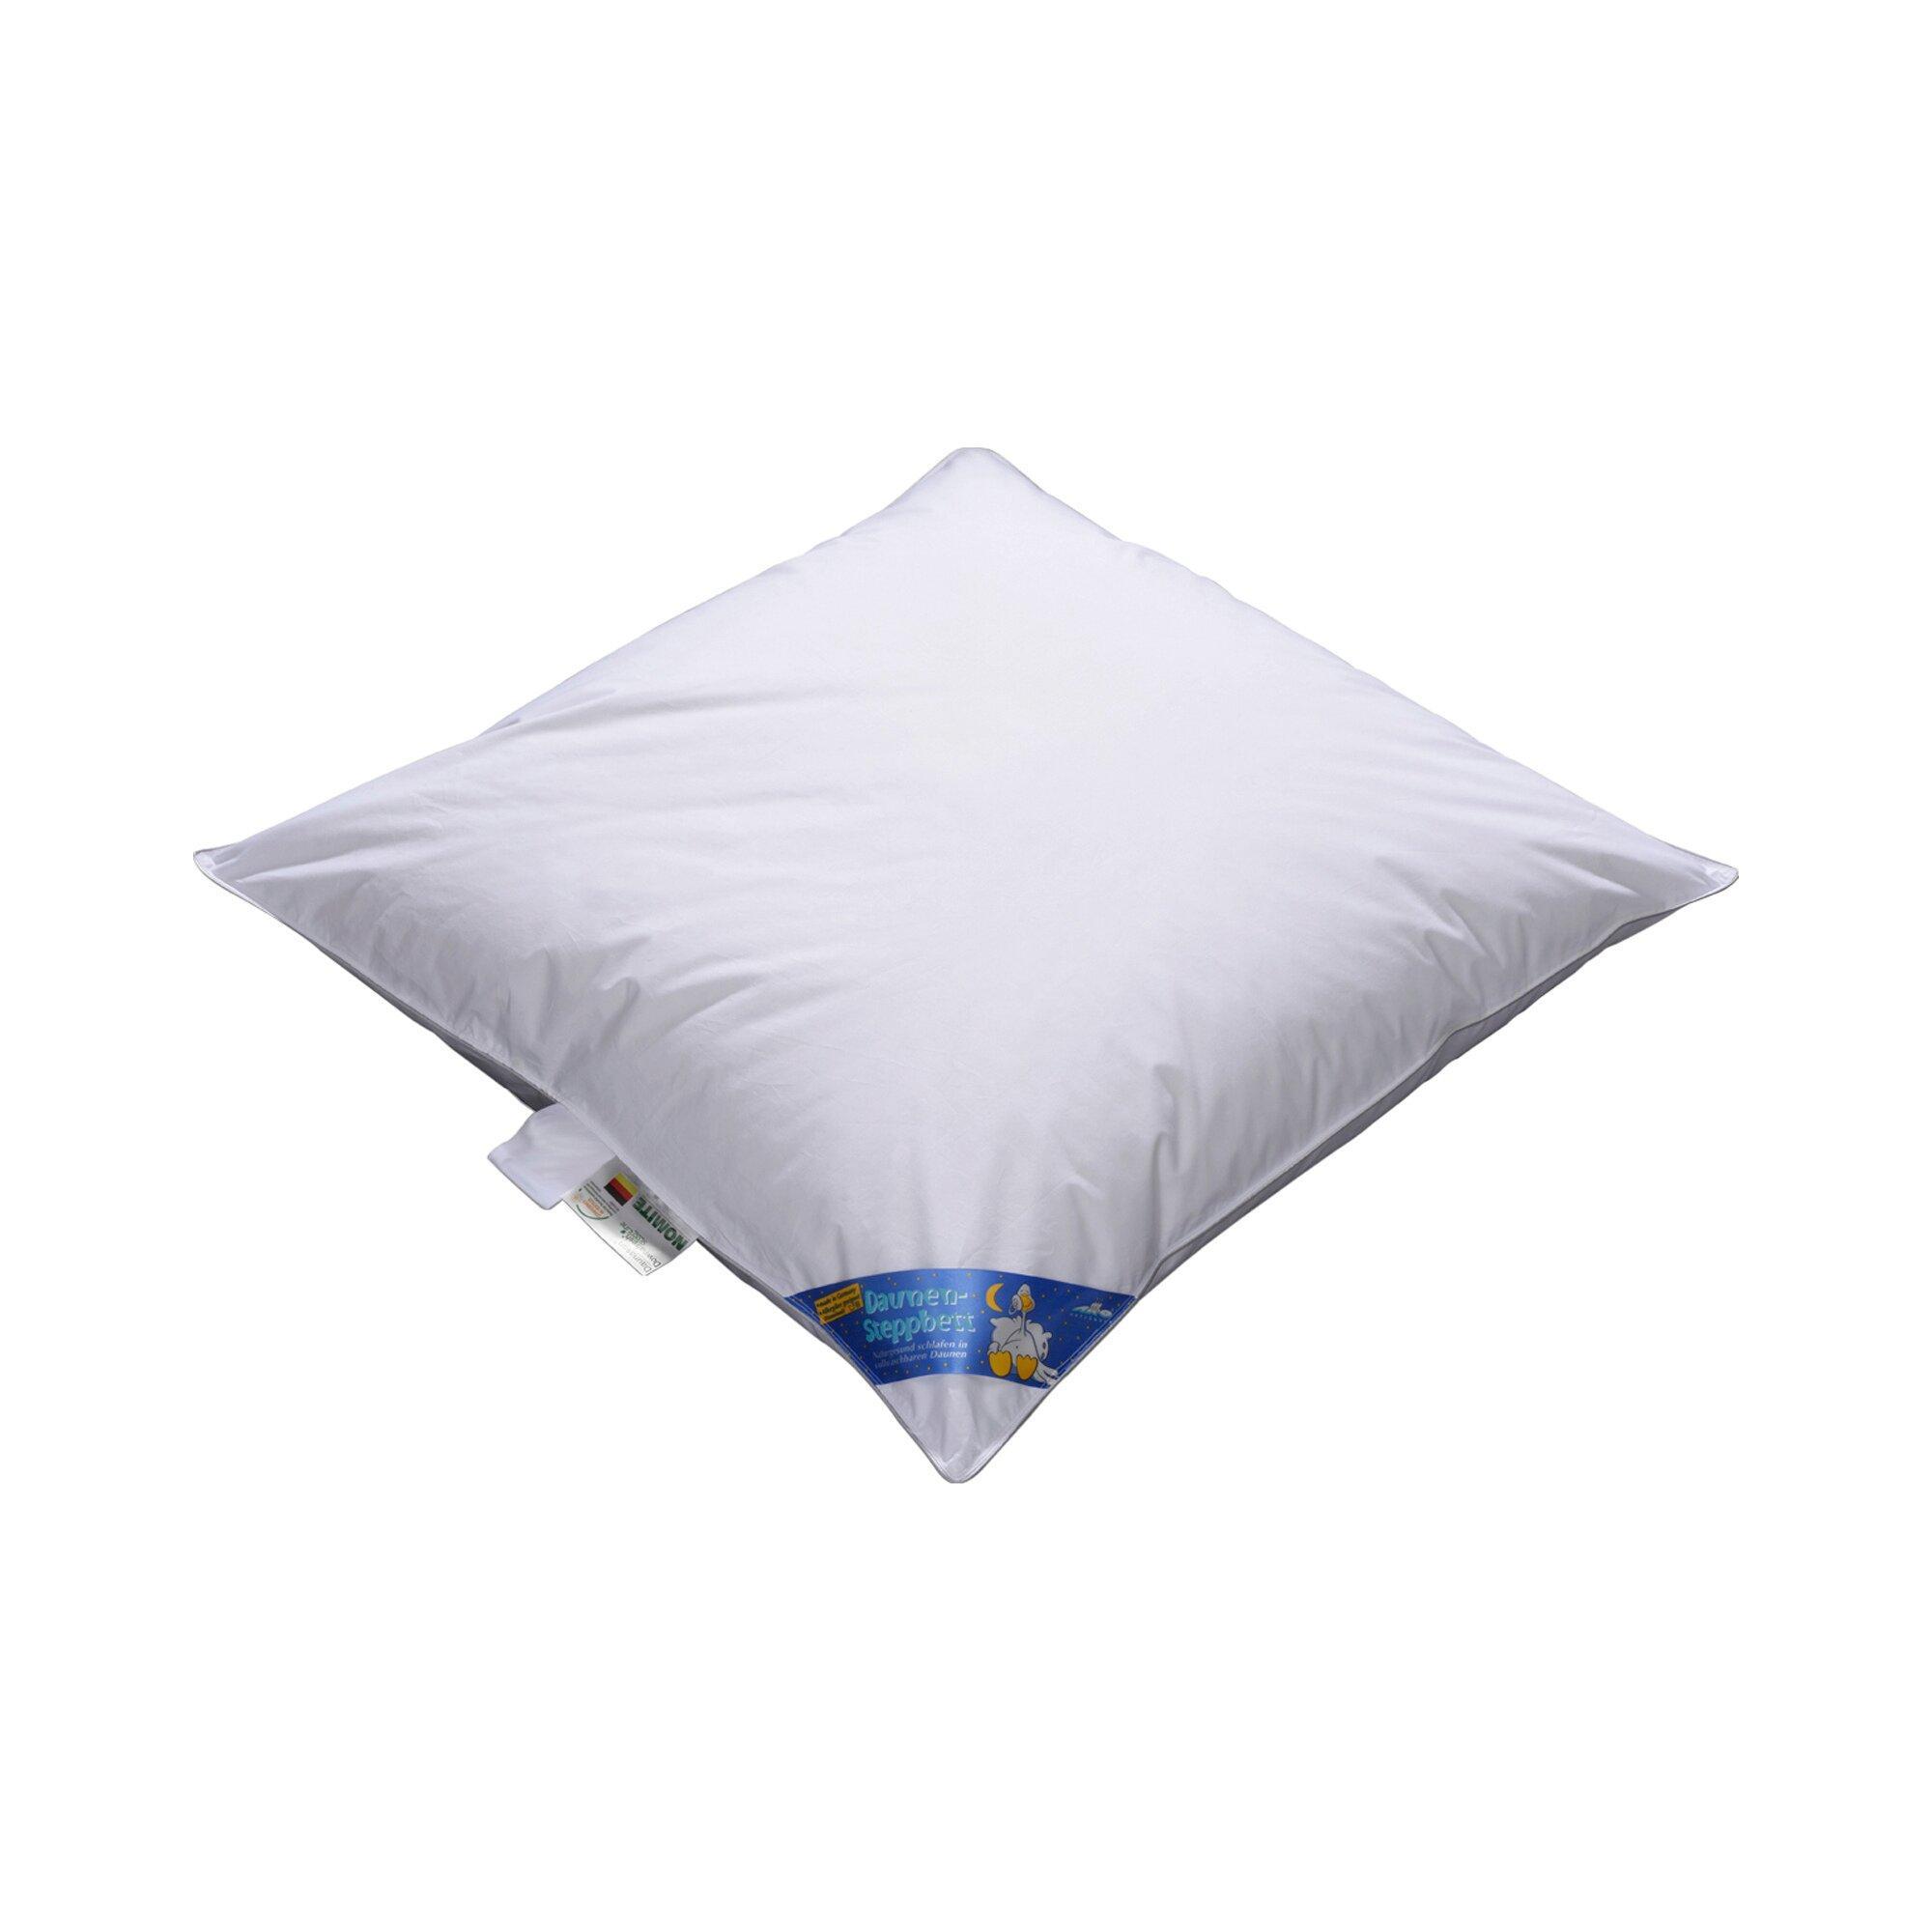 Daunen-Bettdecke 80x80 cm